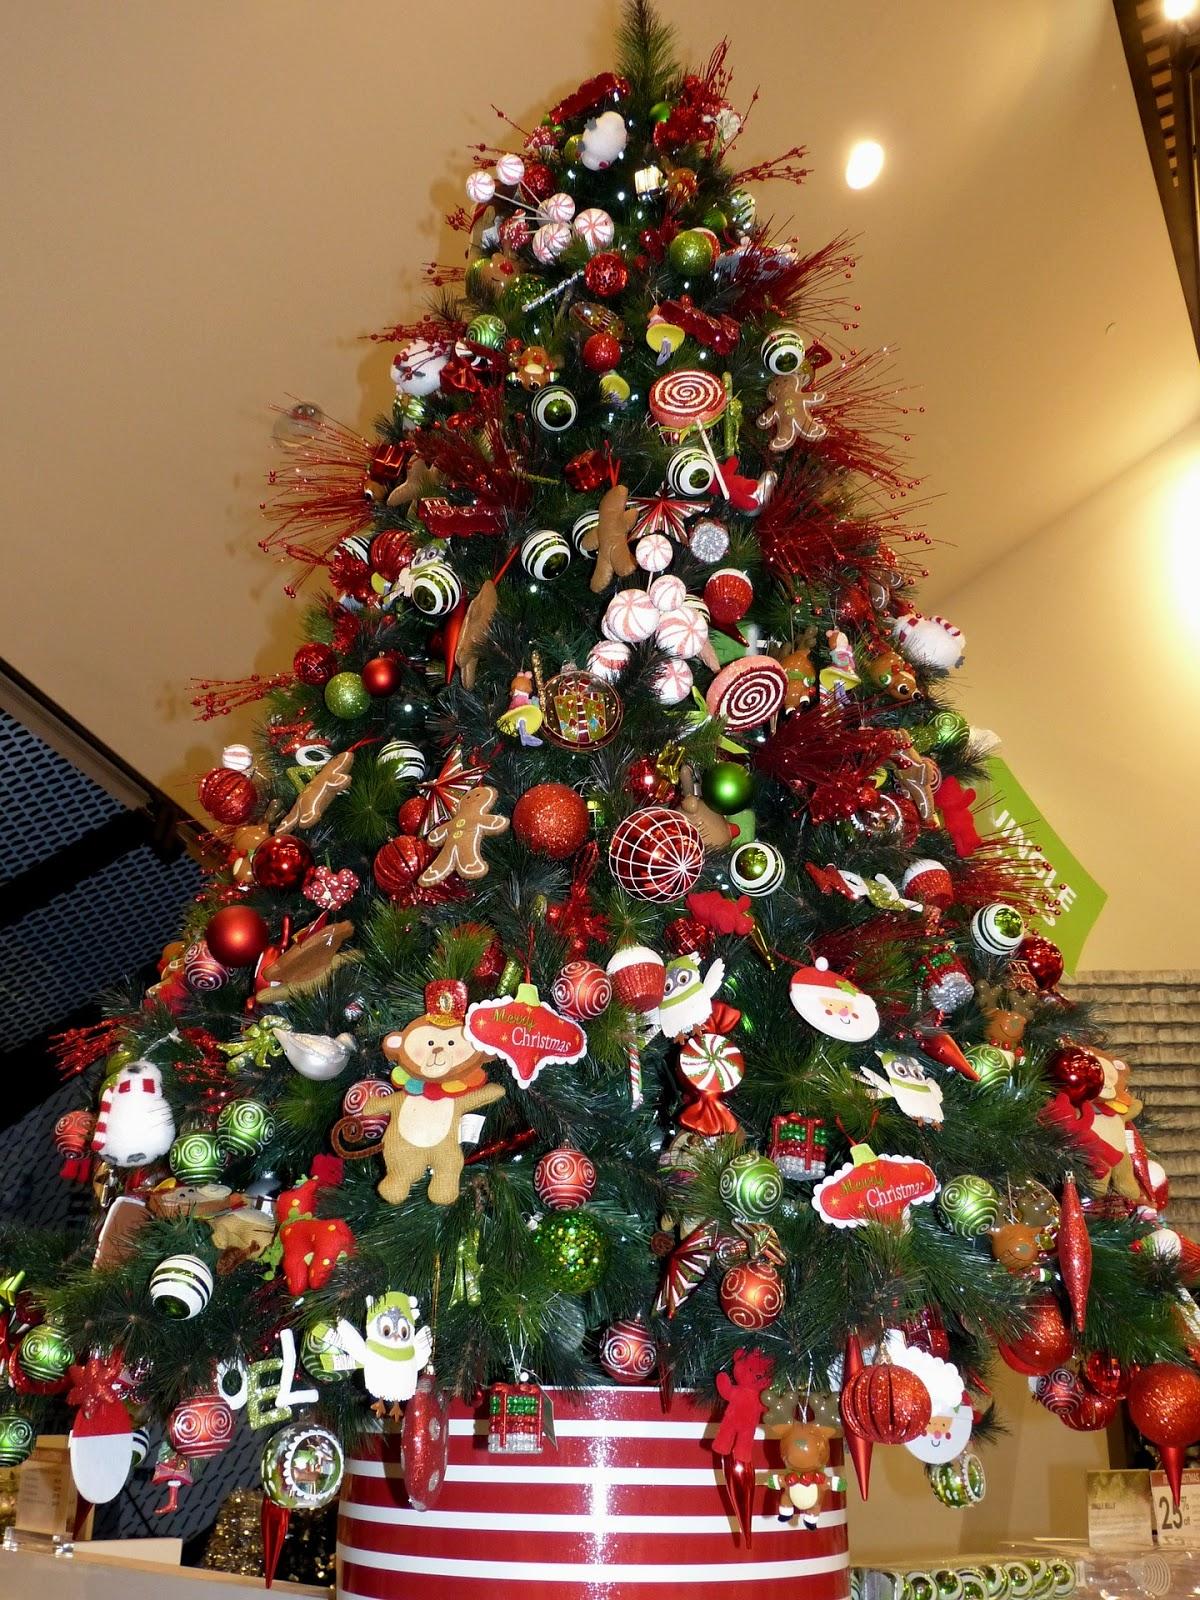 weihnachtsbaum amerikanisch schmcken - Christbaum Schmcken Beispiele